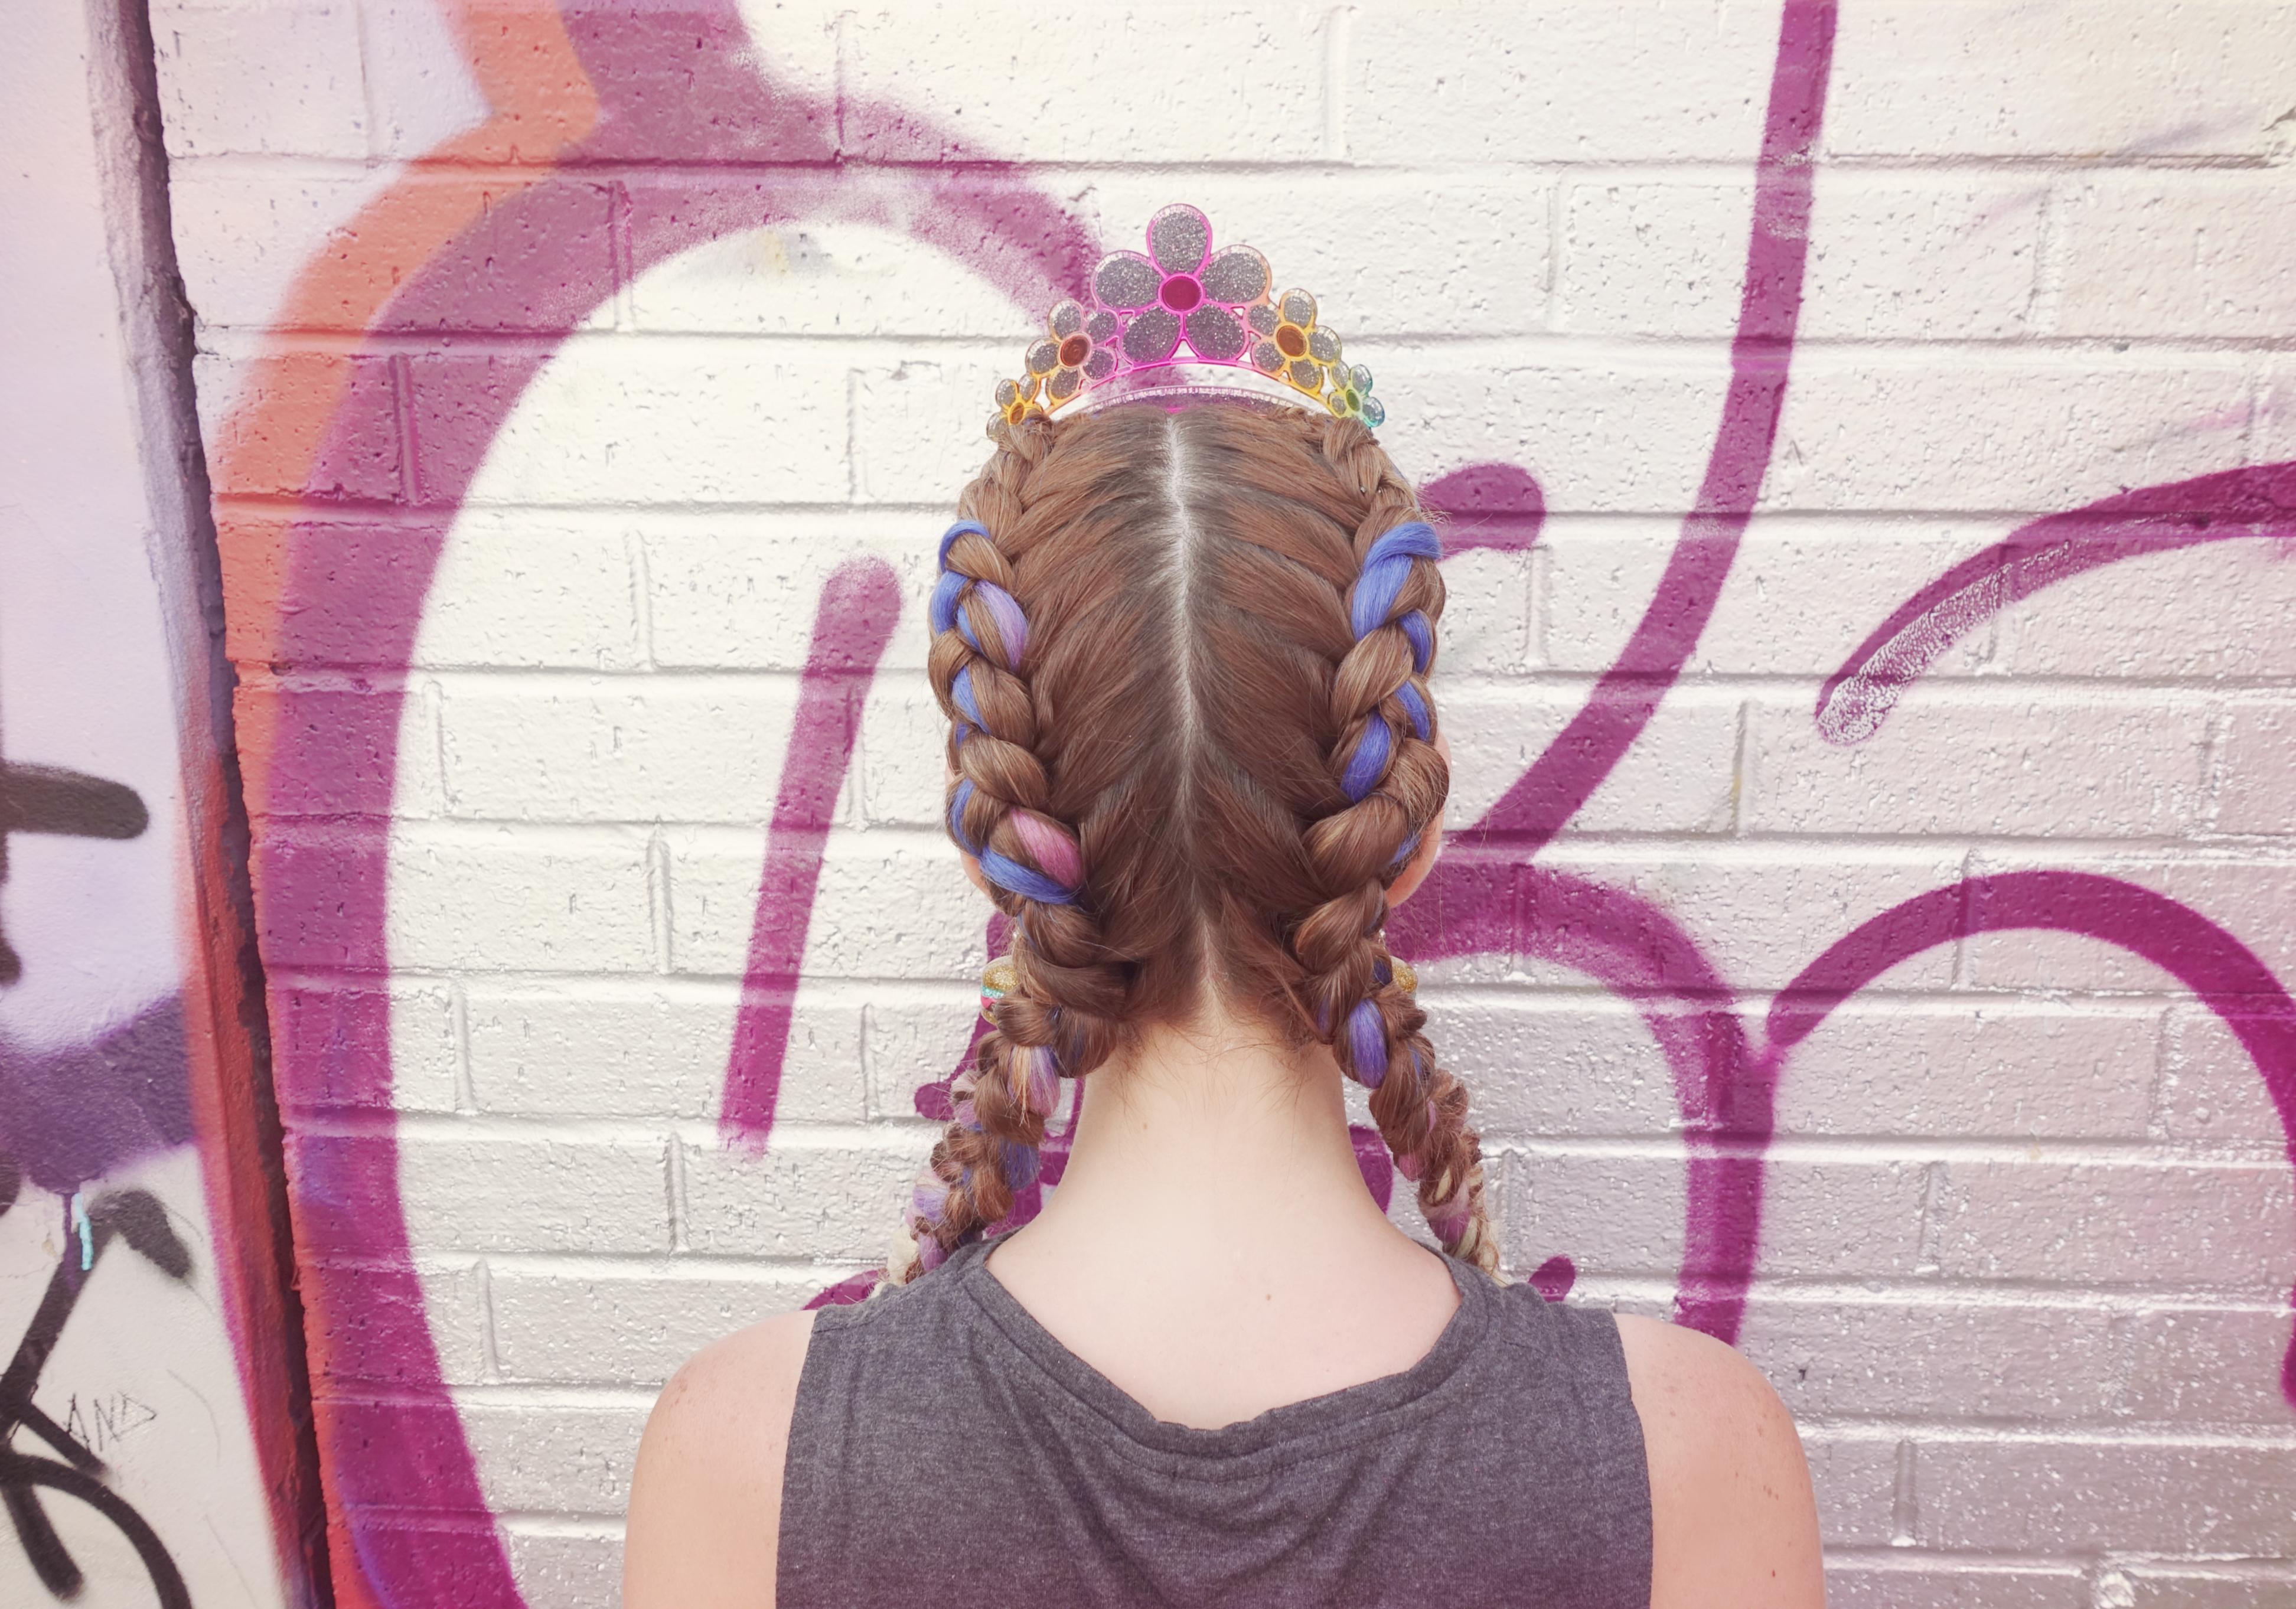 Peinados-de-moda-trenzas-largas-PiensaenChic-blog-de-moda-Chicadicta-fashionista-influencer-Chic-adicta-Piensa-en-Chic